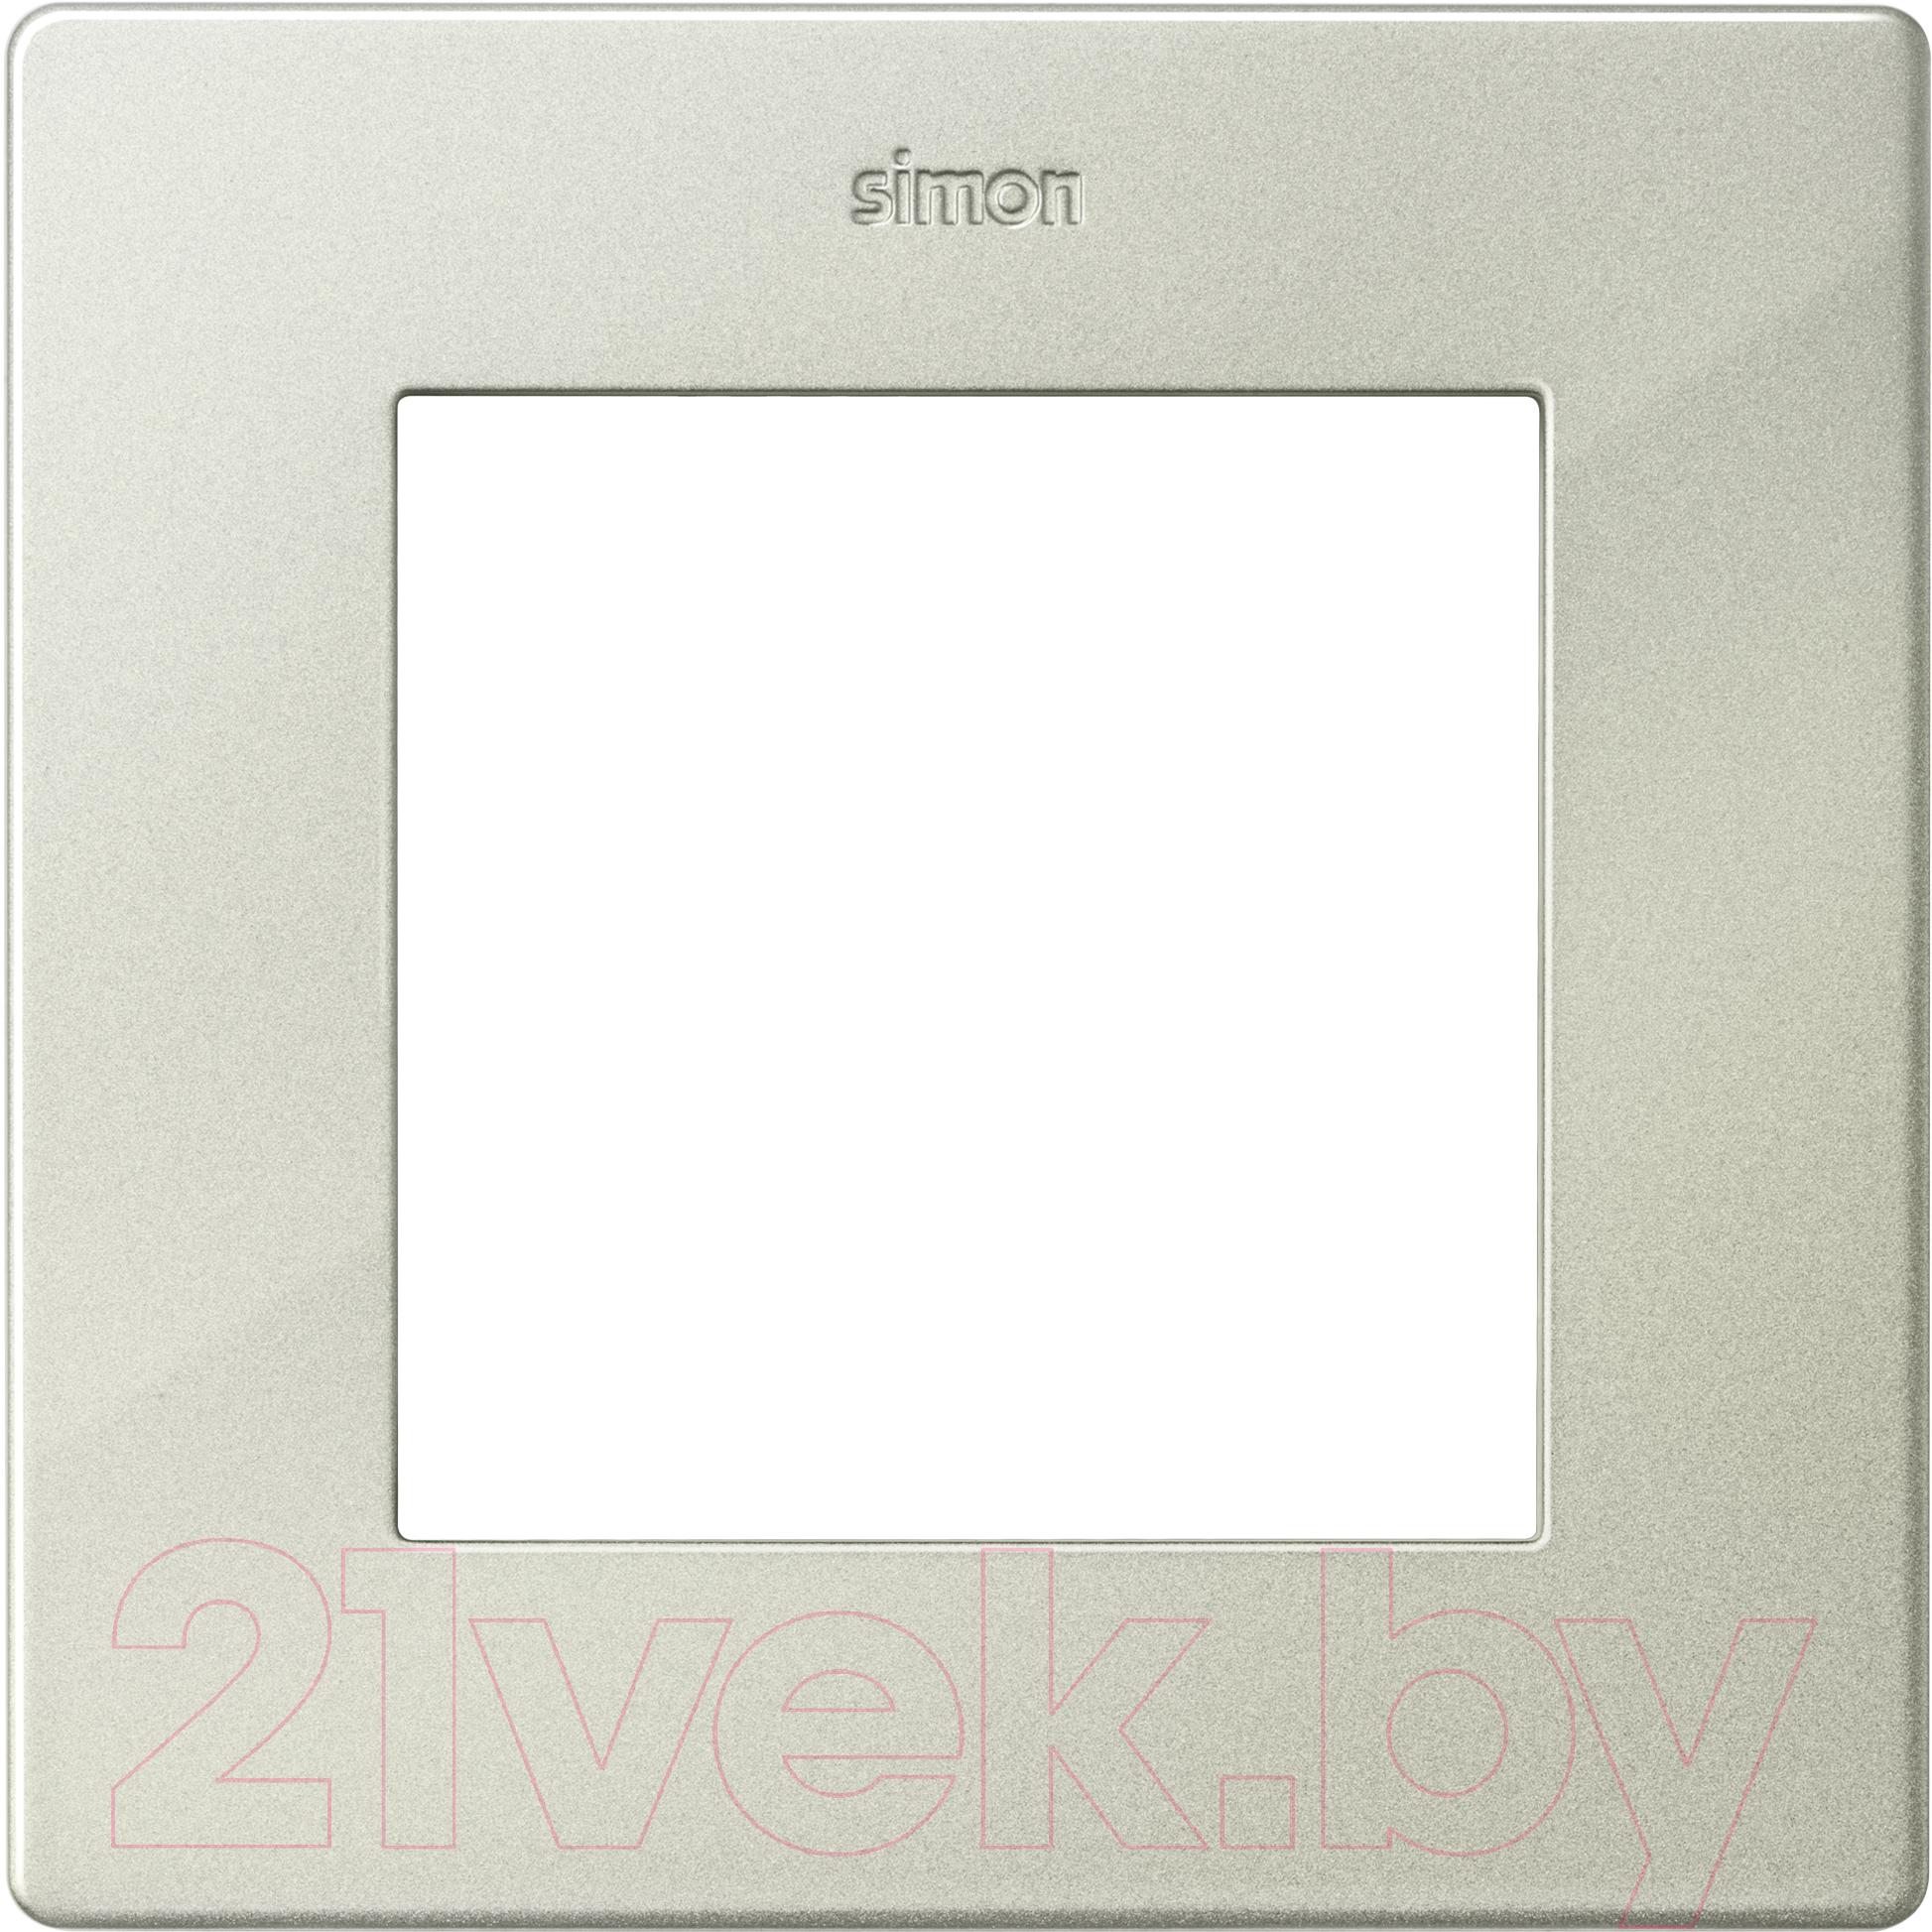 Купить Рамка для выключателя Simon, 2400610-034 (шампань), Россия, пластик, Simon Harmonie 24 шампань (Simon)